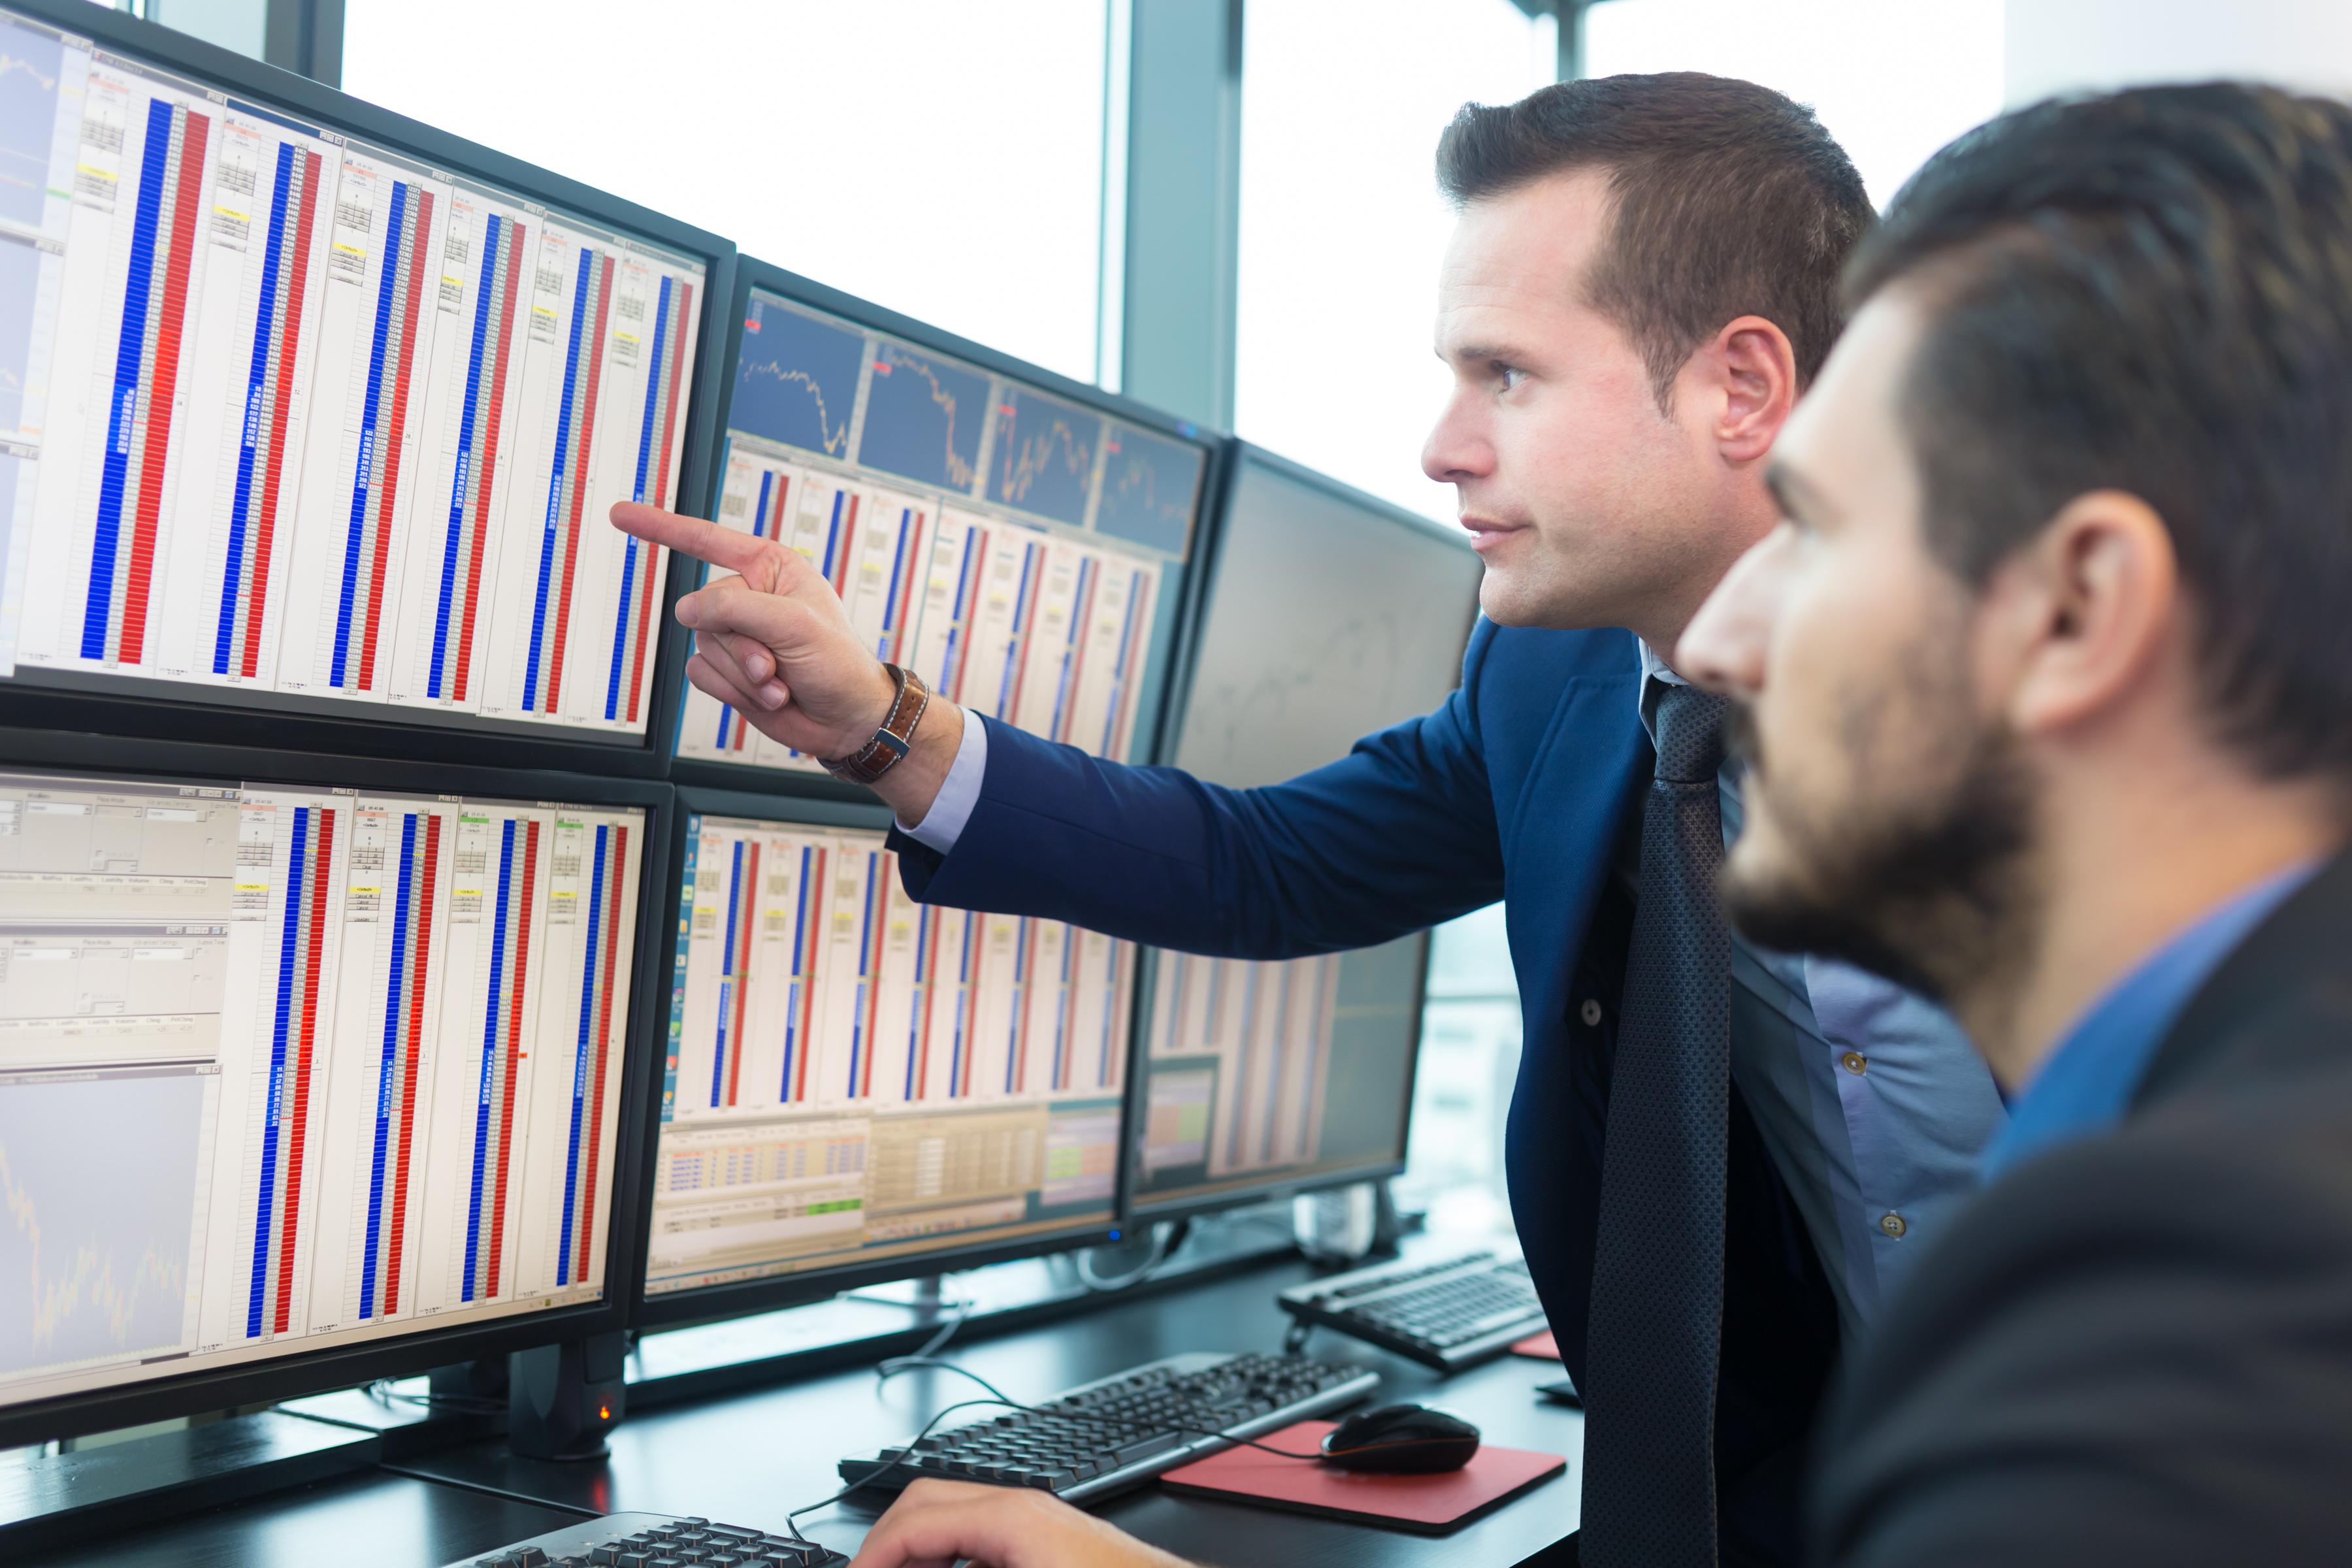 بورس و روش سریع یادگیری نحوه ی تحلیل بازار فرهاد اکسچنج – قسمت 23